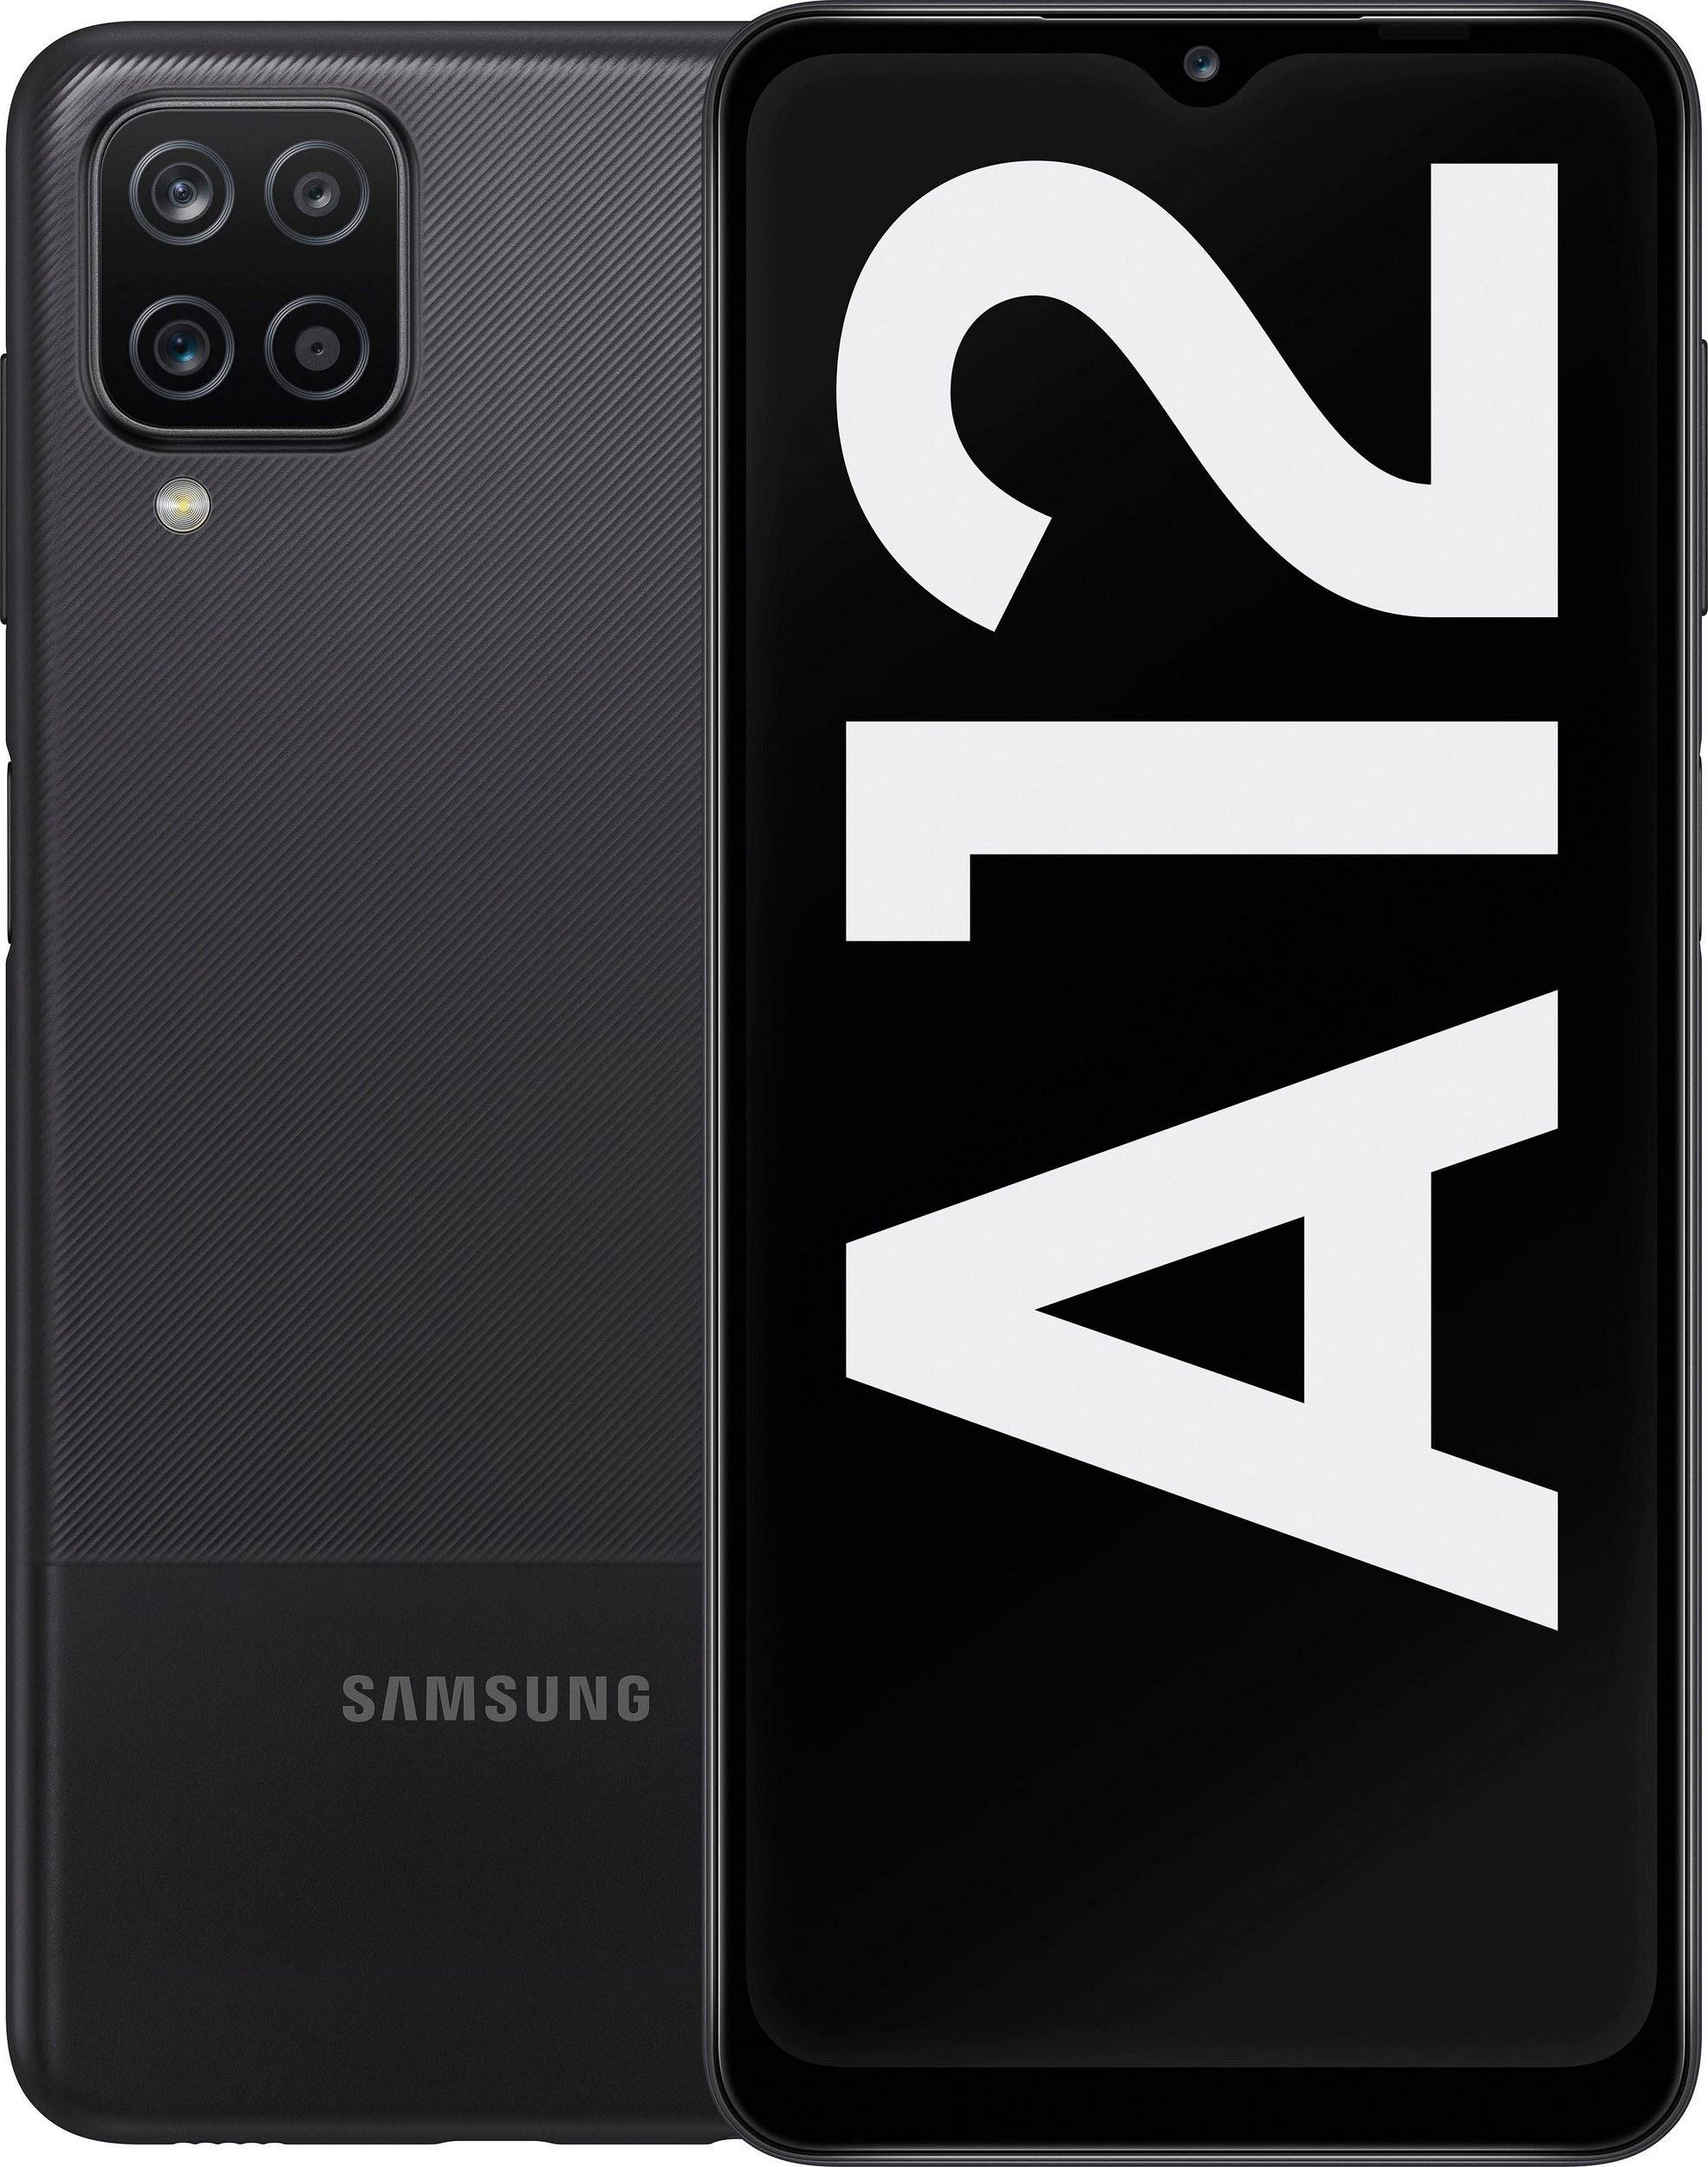 Samsung Smartphone Galaxy A12 online kopen op otto.nl